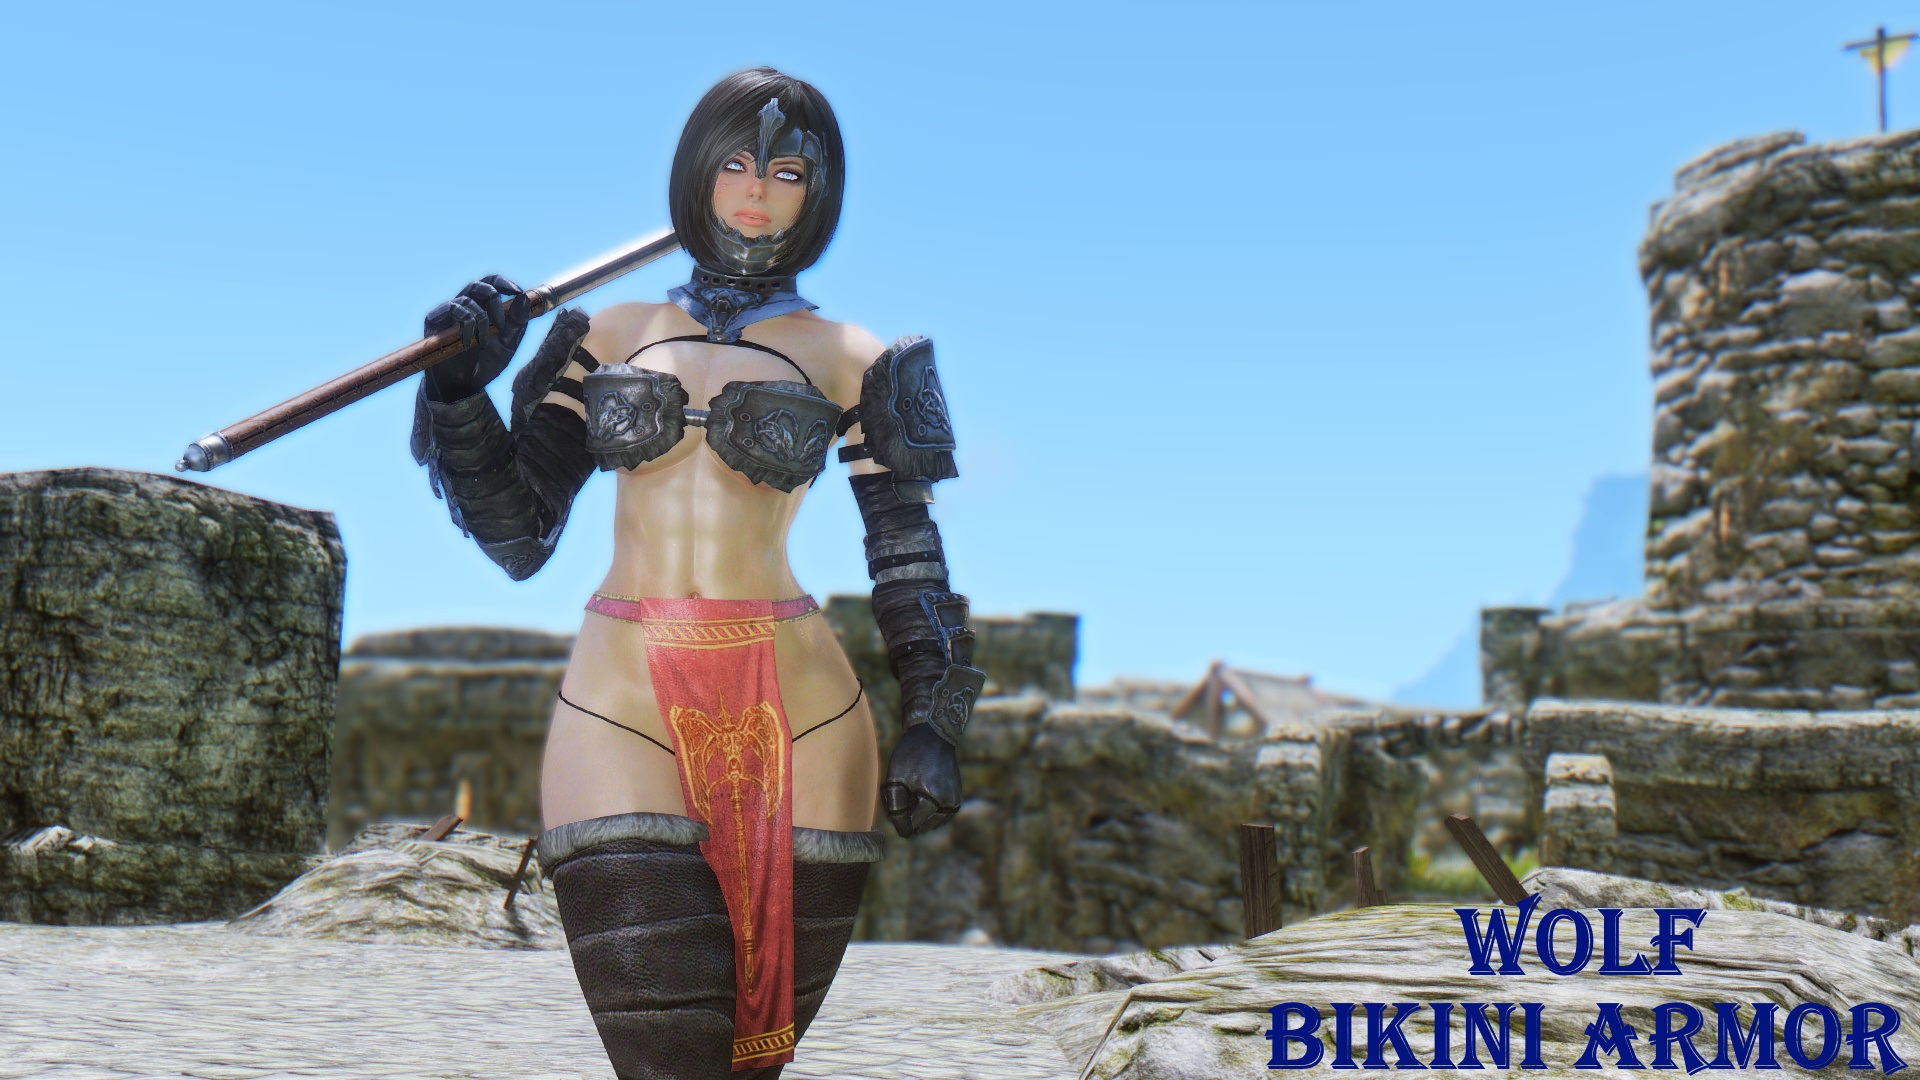 Wolf_Bikini_Armor.jpg